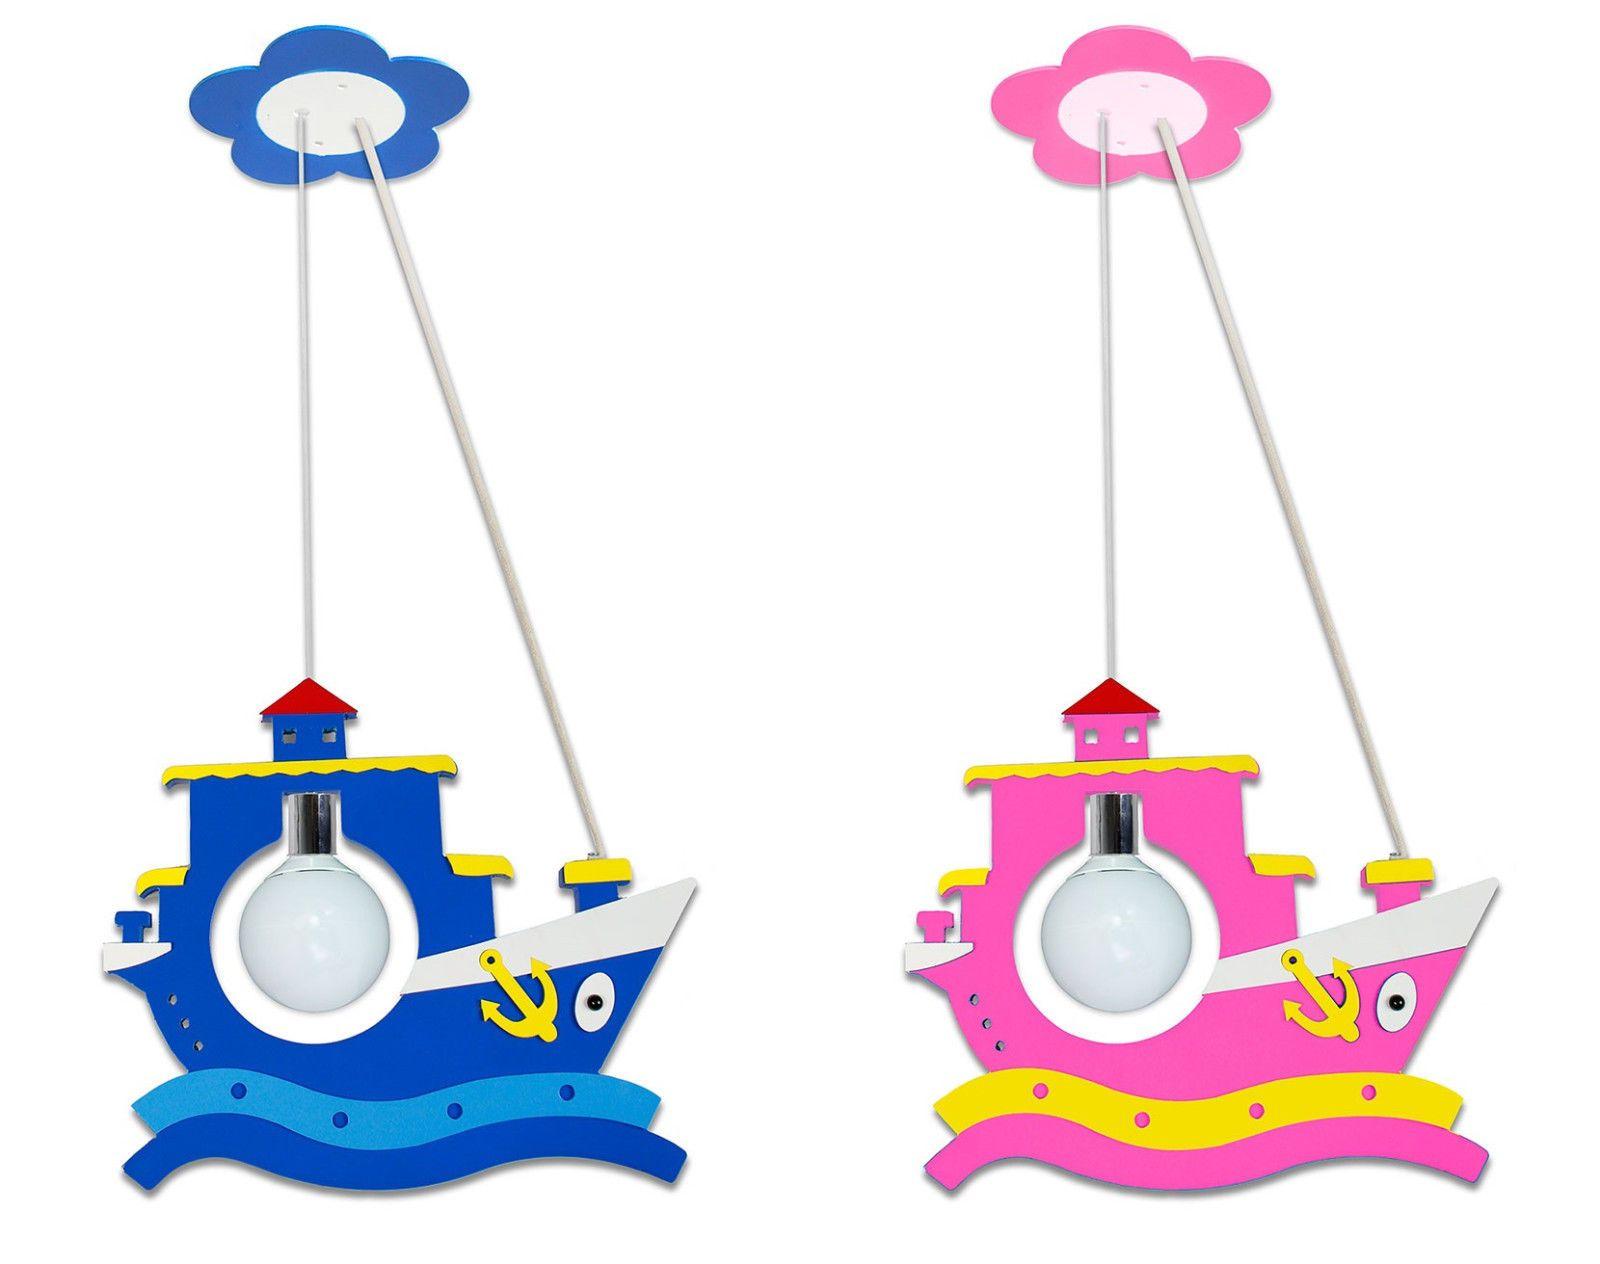 Lampadari Per Stanza Ragazzi lampadario sospensione barca per cameretta bambini in legno